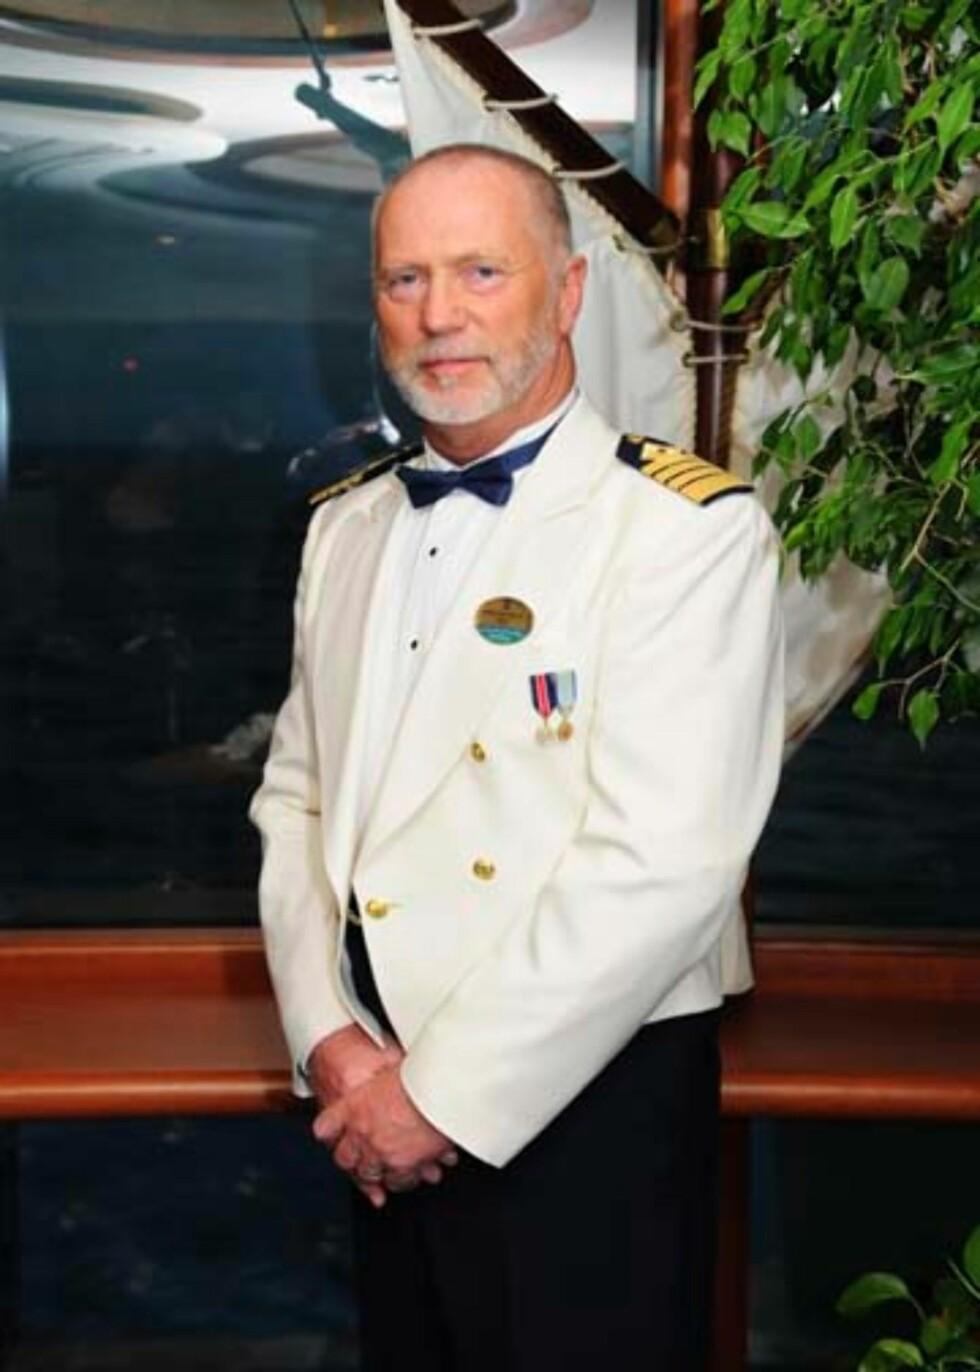 Thore Thorolvsen er i dag kaptein på Jewel of the Seas, men skal stå bak roret på Oasis of the Seas når hun sjøsettes i desember. Foto: RCCL